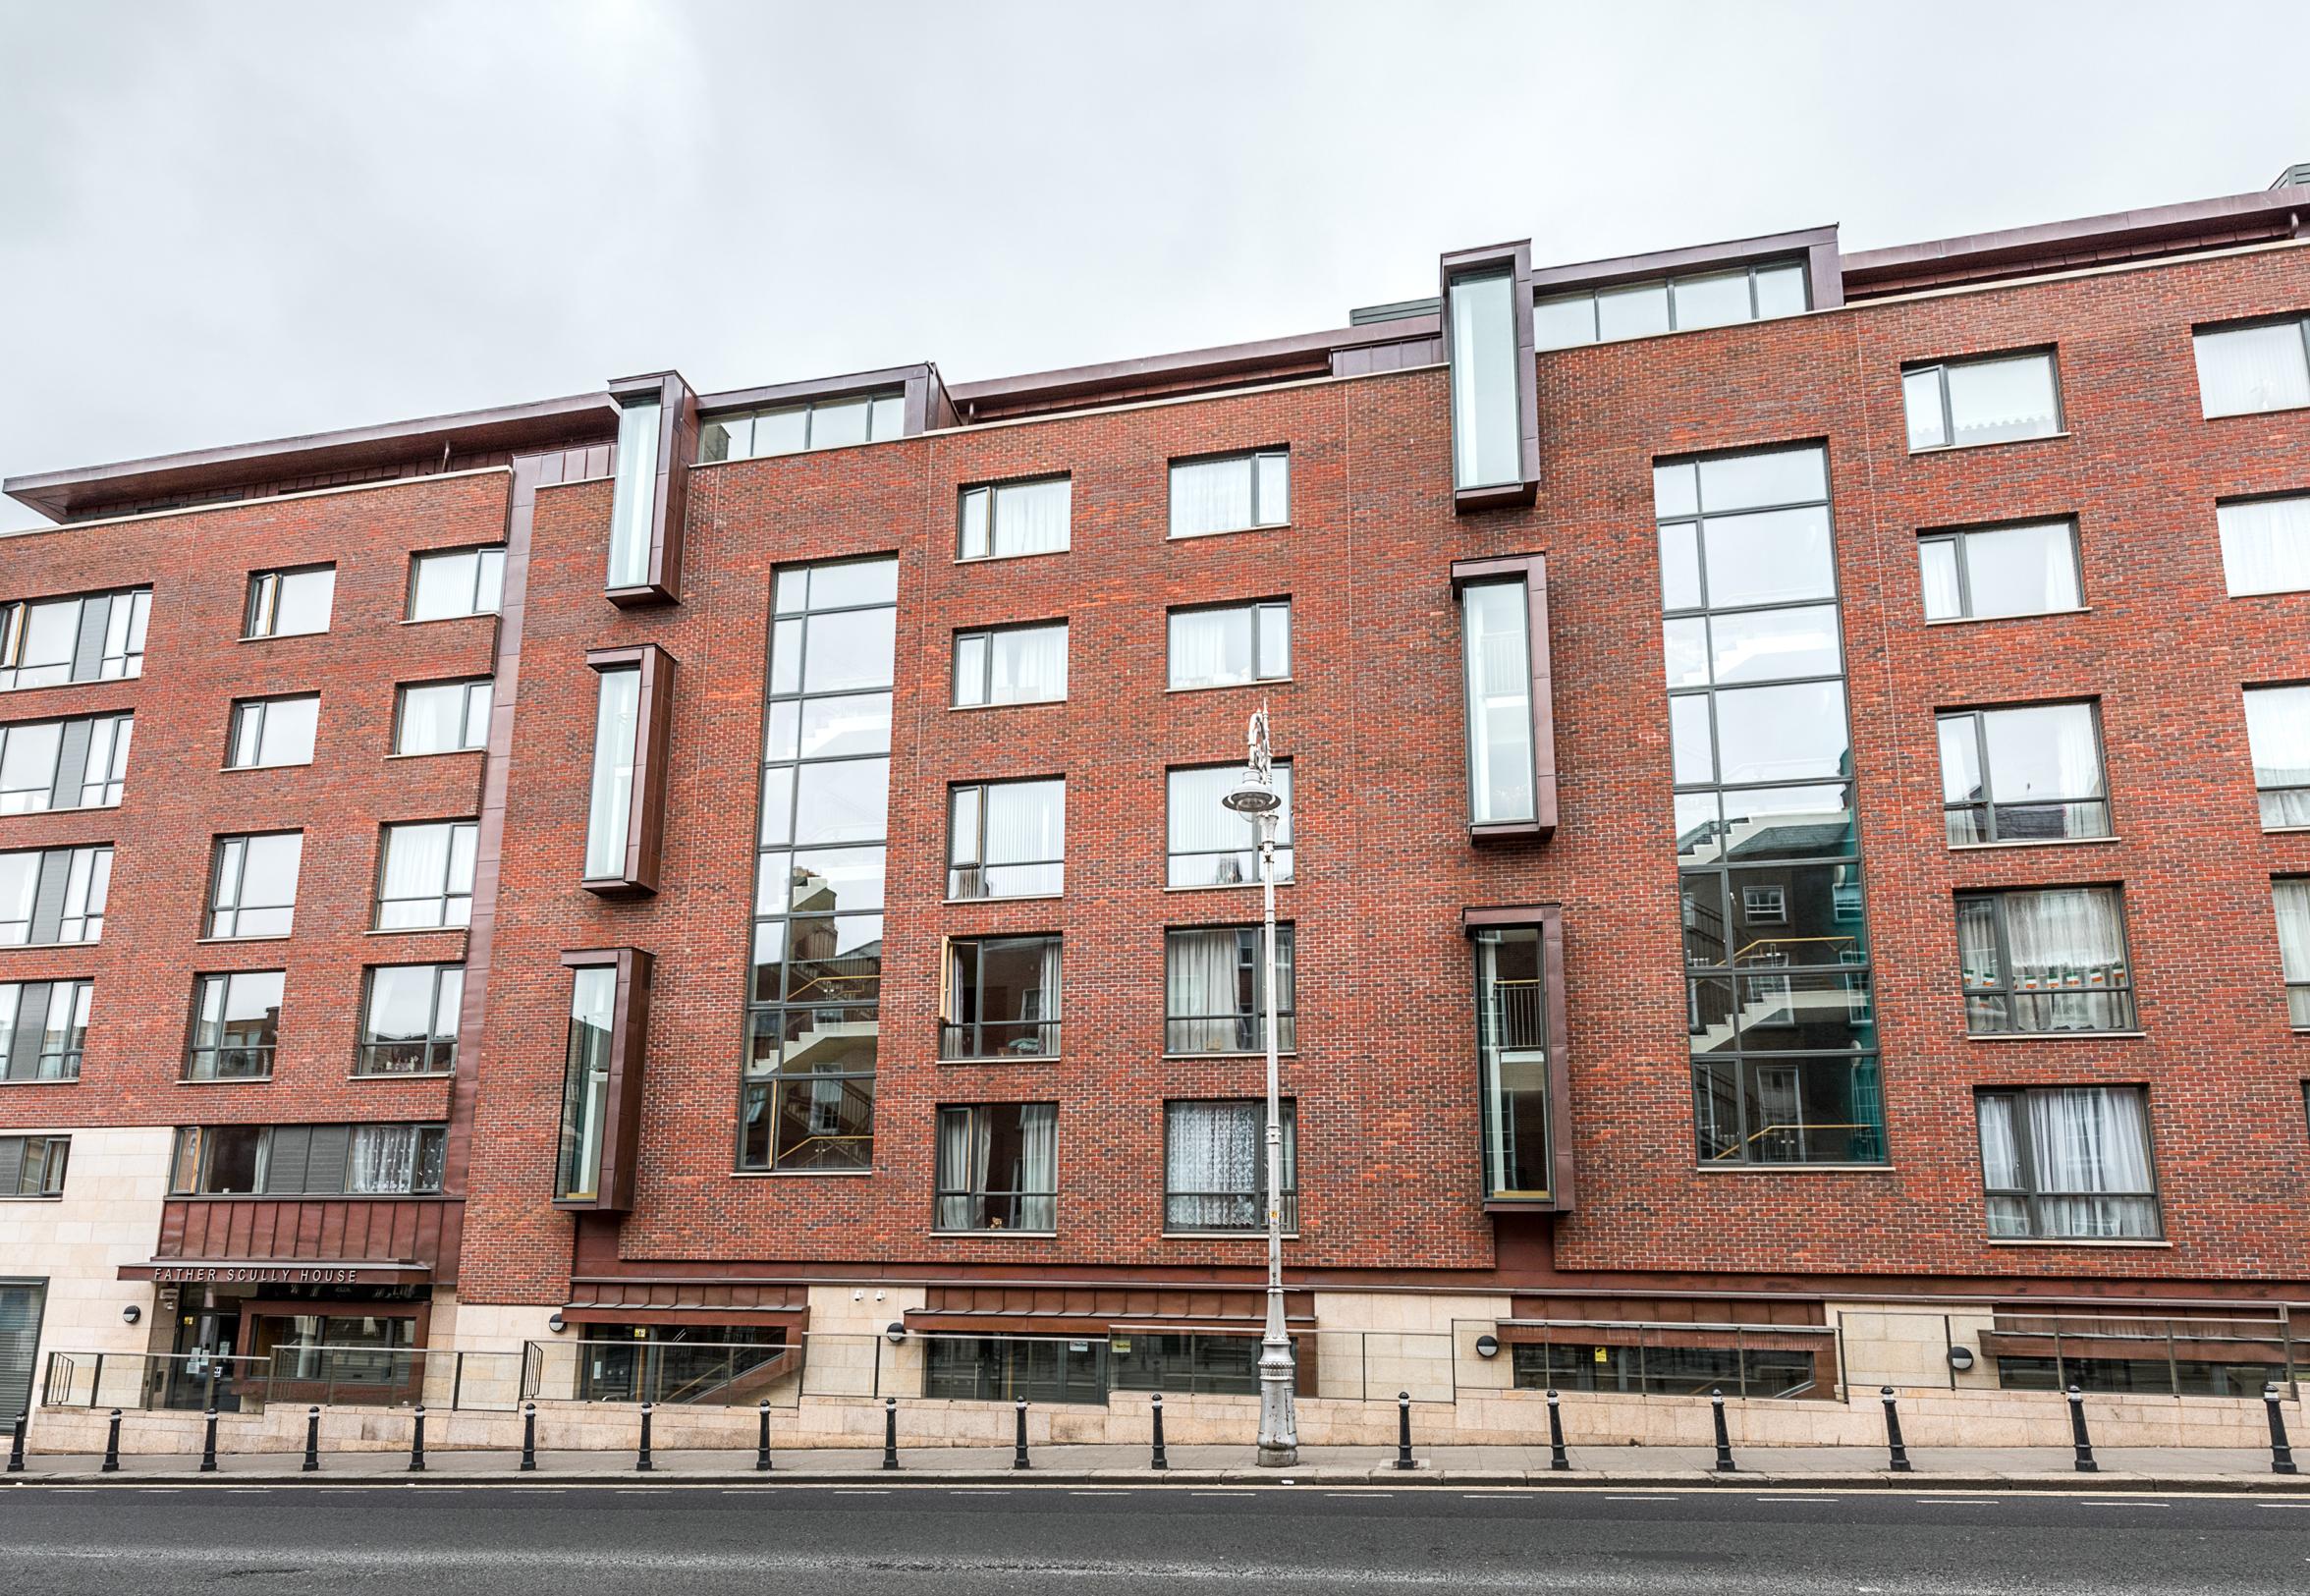 FR. SCULLY HOUSE, GARDINER ST., DUBLIN